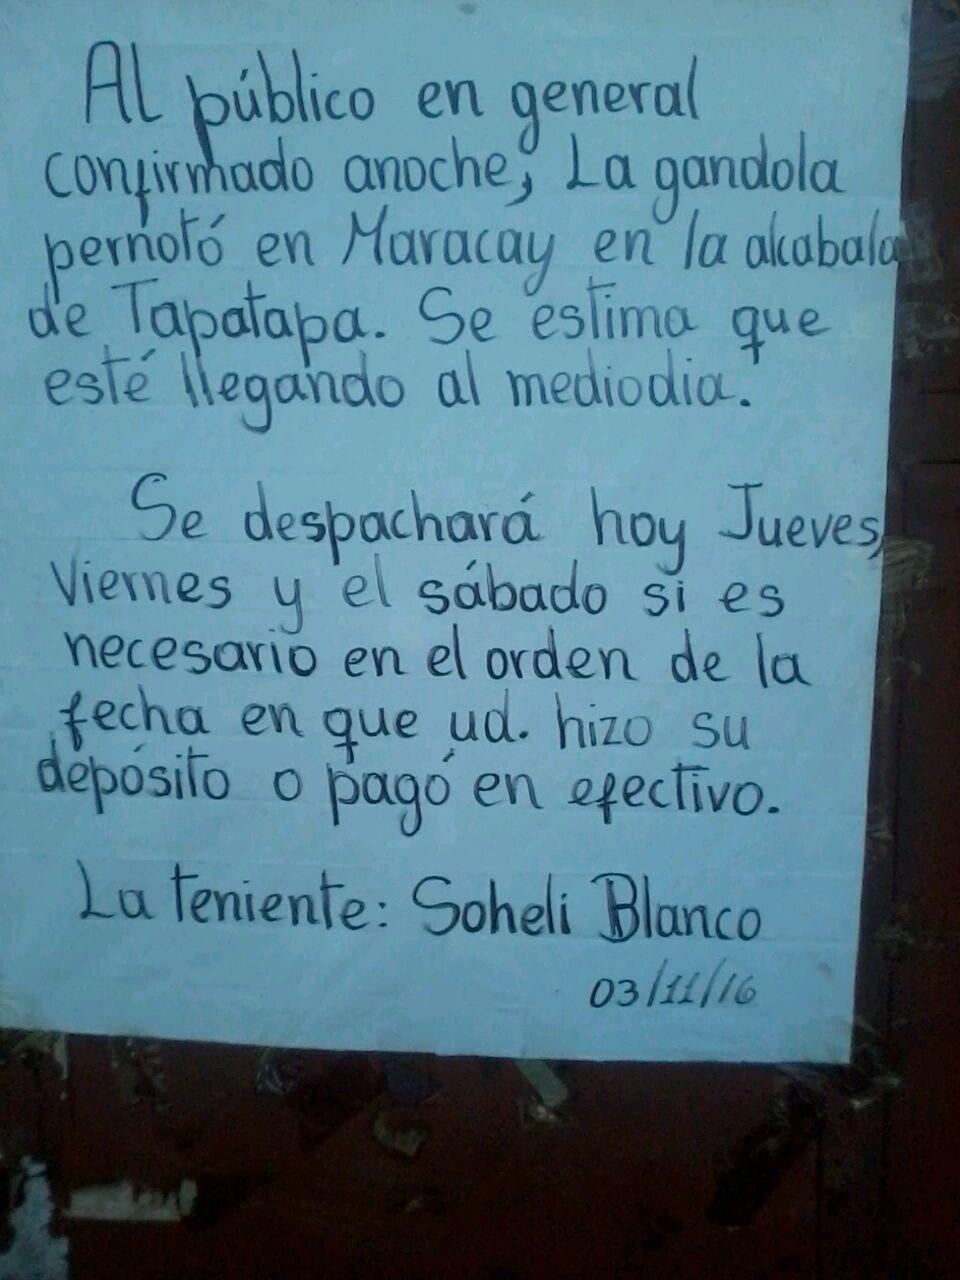 Aviso de la Teniente en la sede de la Milicia en Rio Chico, ante la inquietud por el retraso de la comida. A esta fecha aun sin honrar la promesa